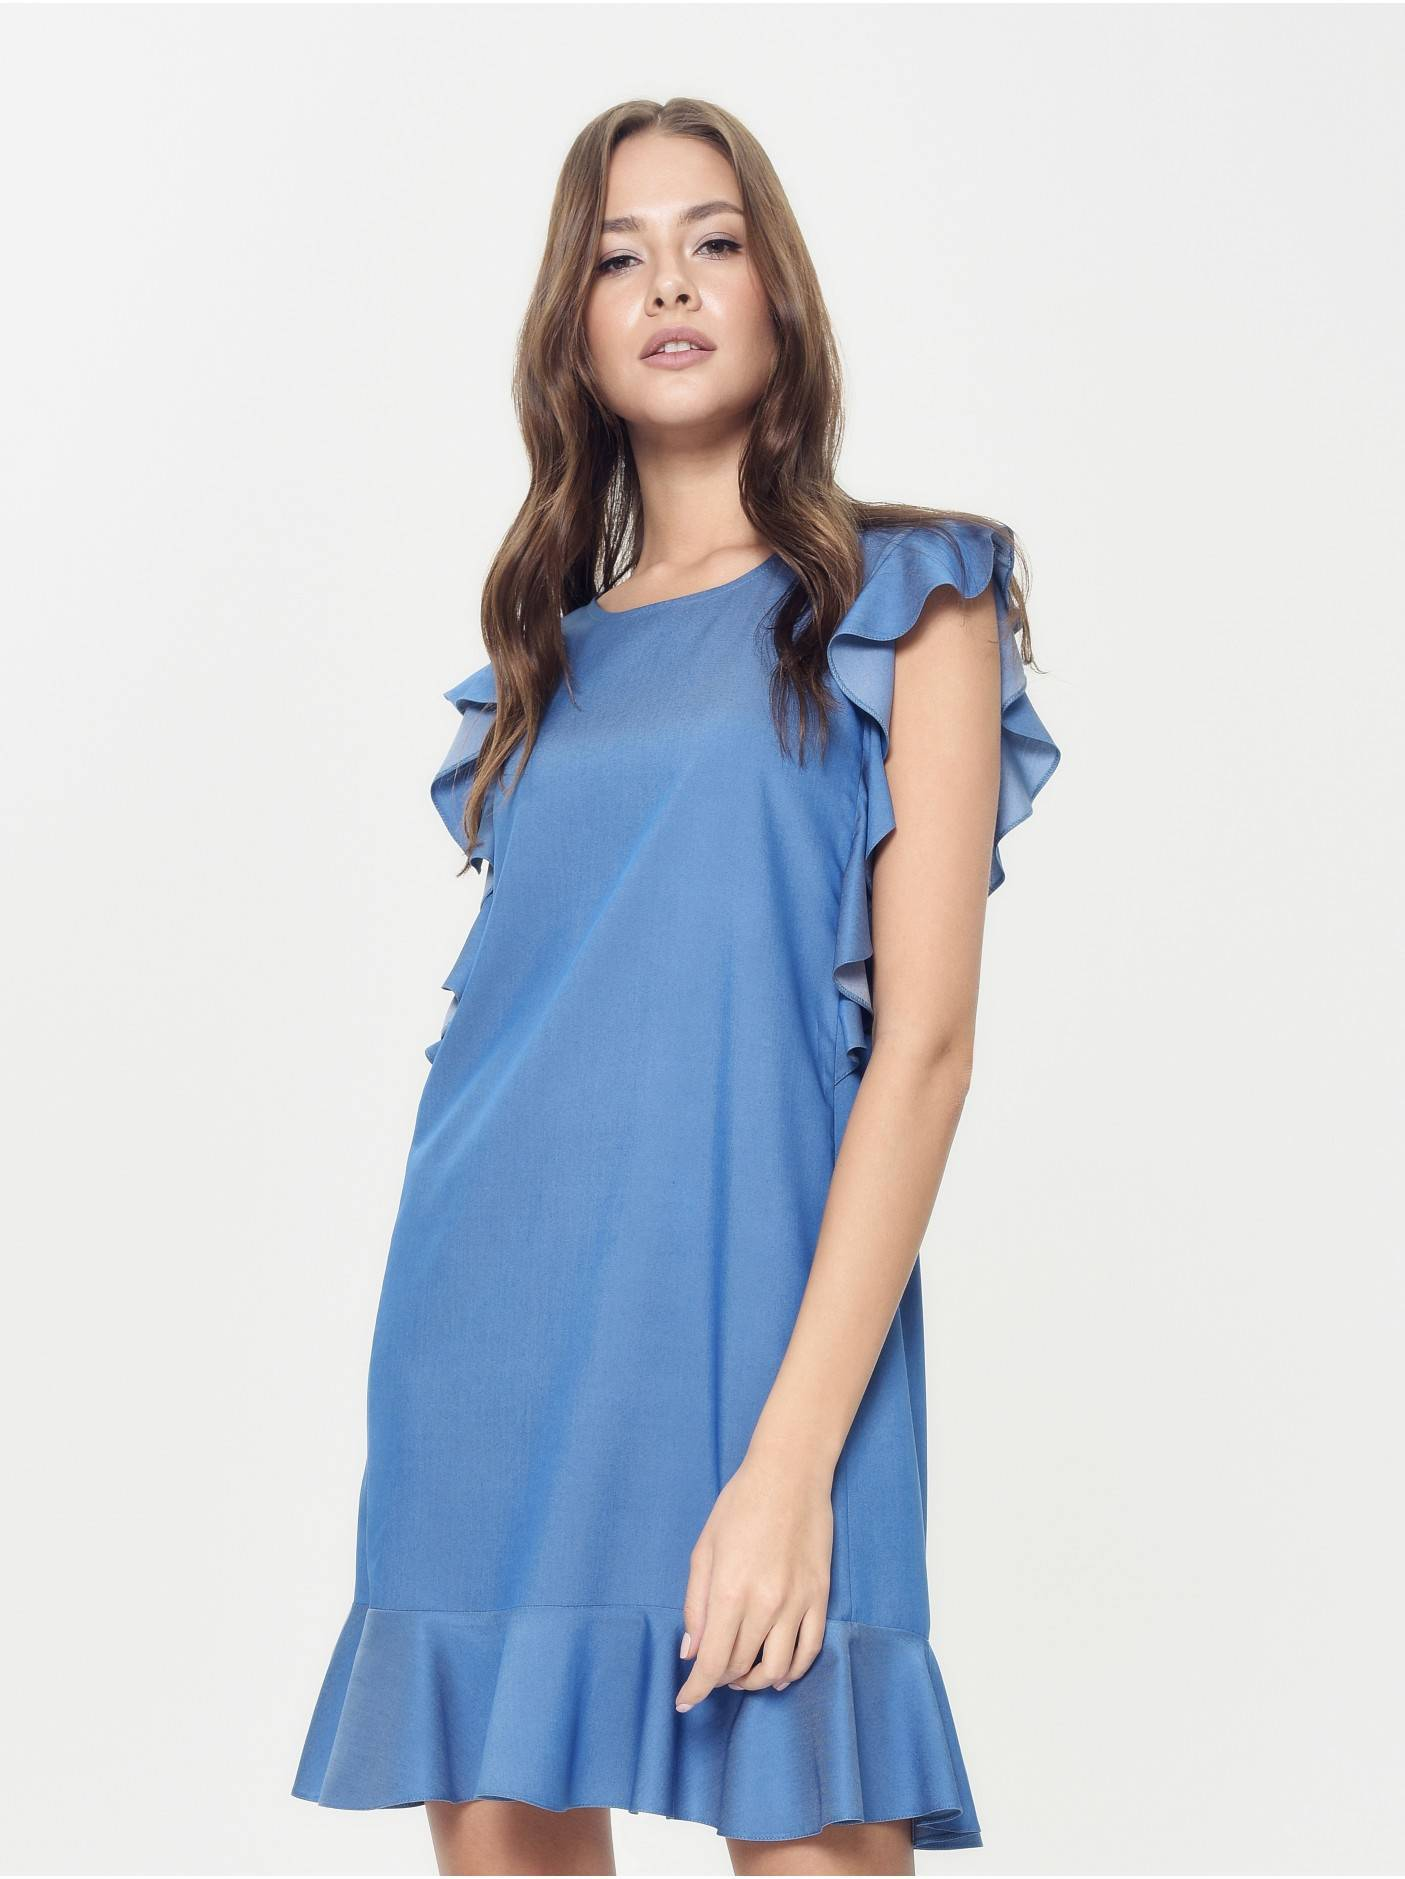 2b075f06ada платье женское джинсовое платье а-силуэта с воланами LPL 905 18С-656ТСП